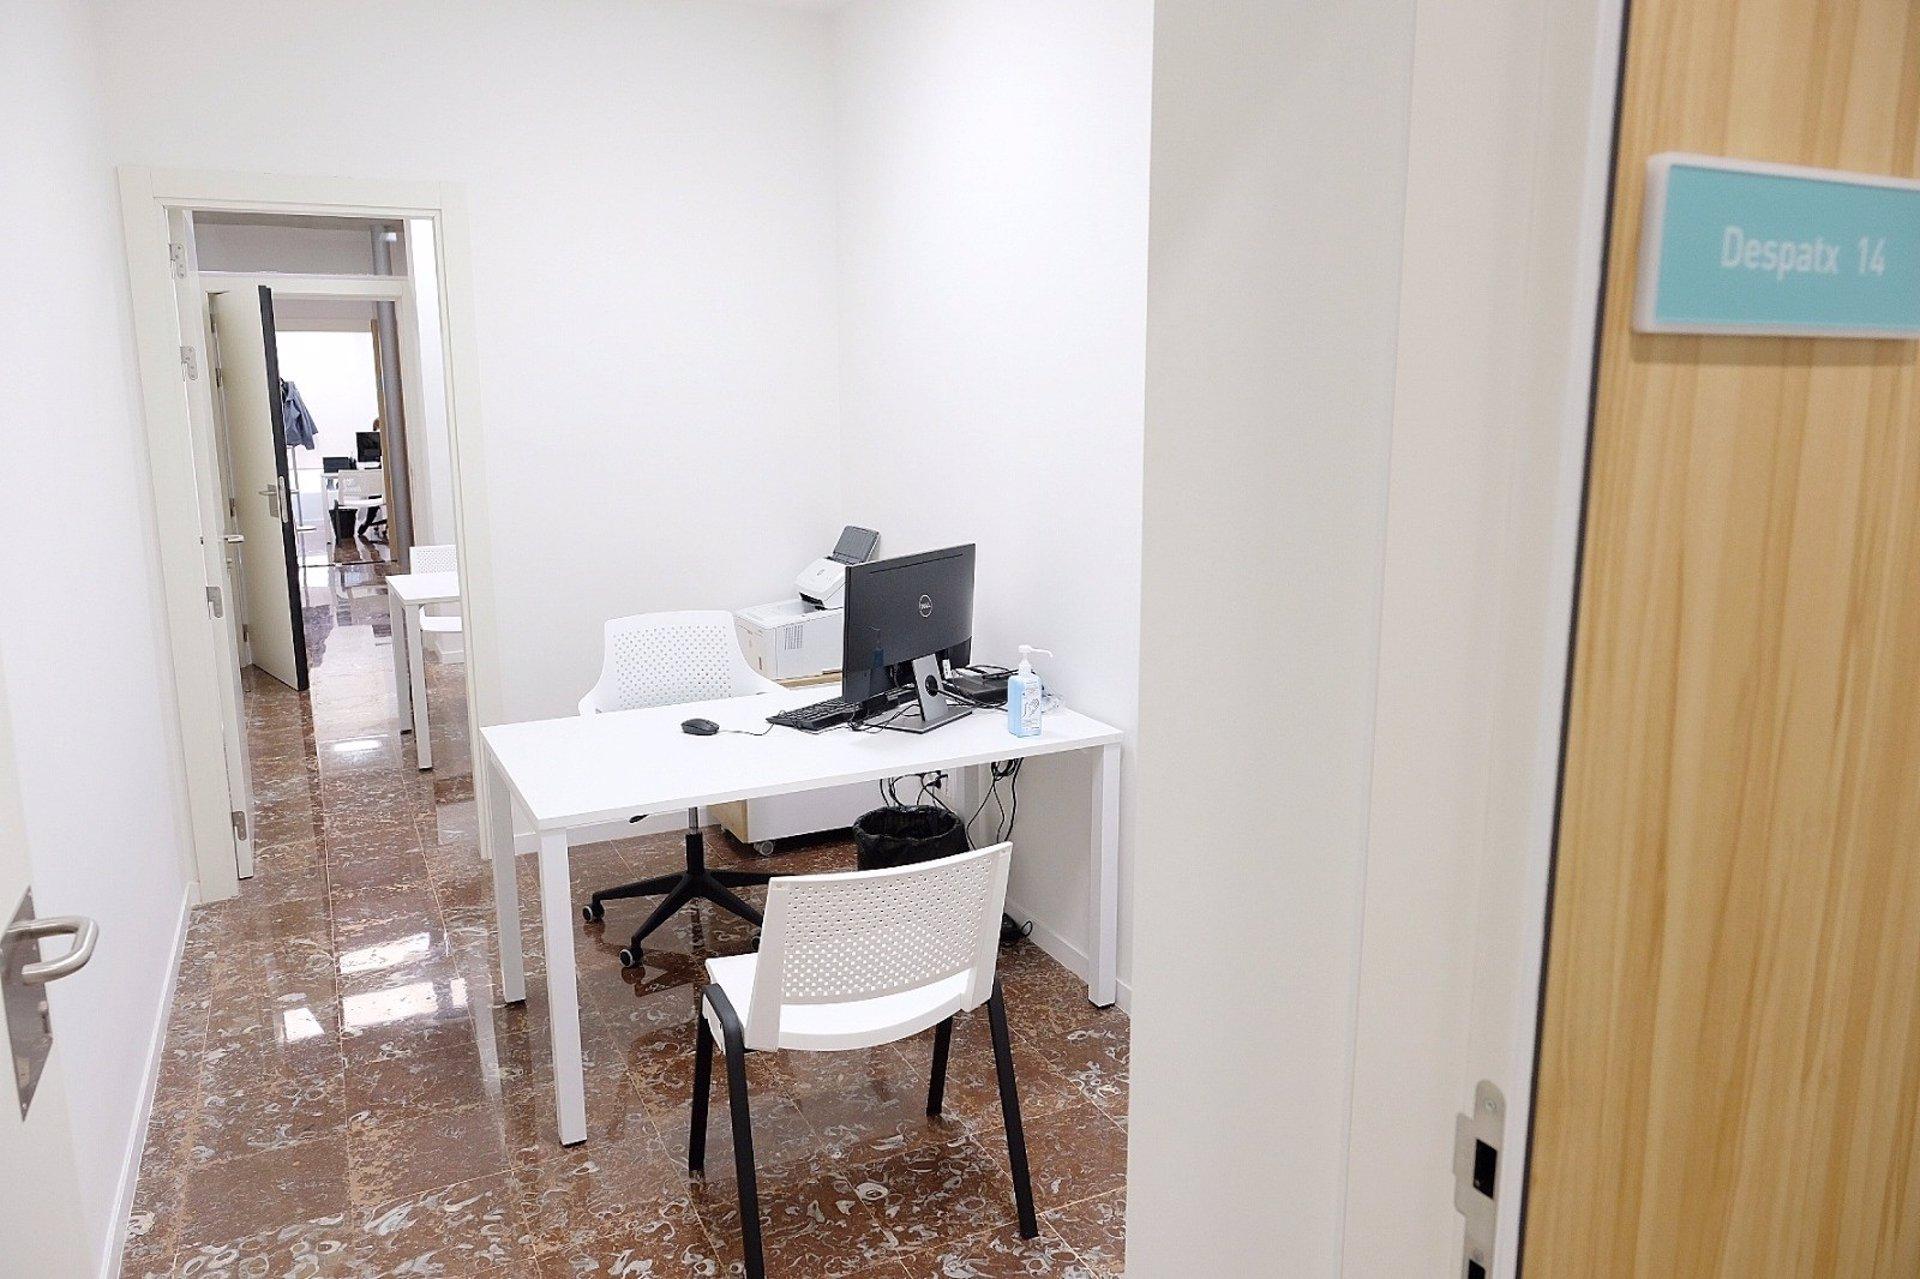 Consulta del Centre de Salut Mental i Adiccions del barri de Gràcia de Barcelona / EP